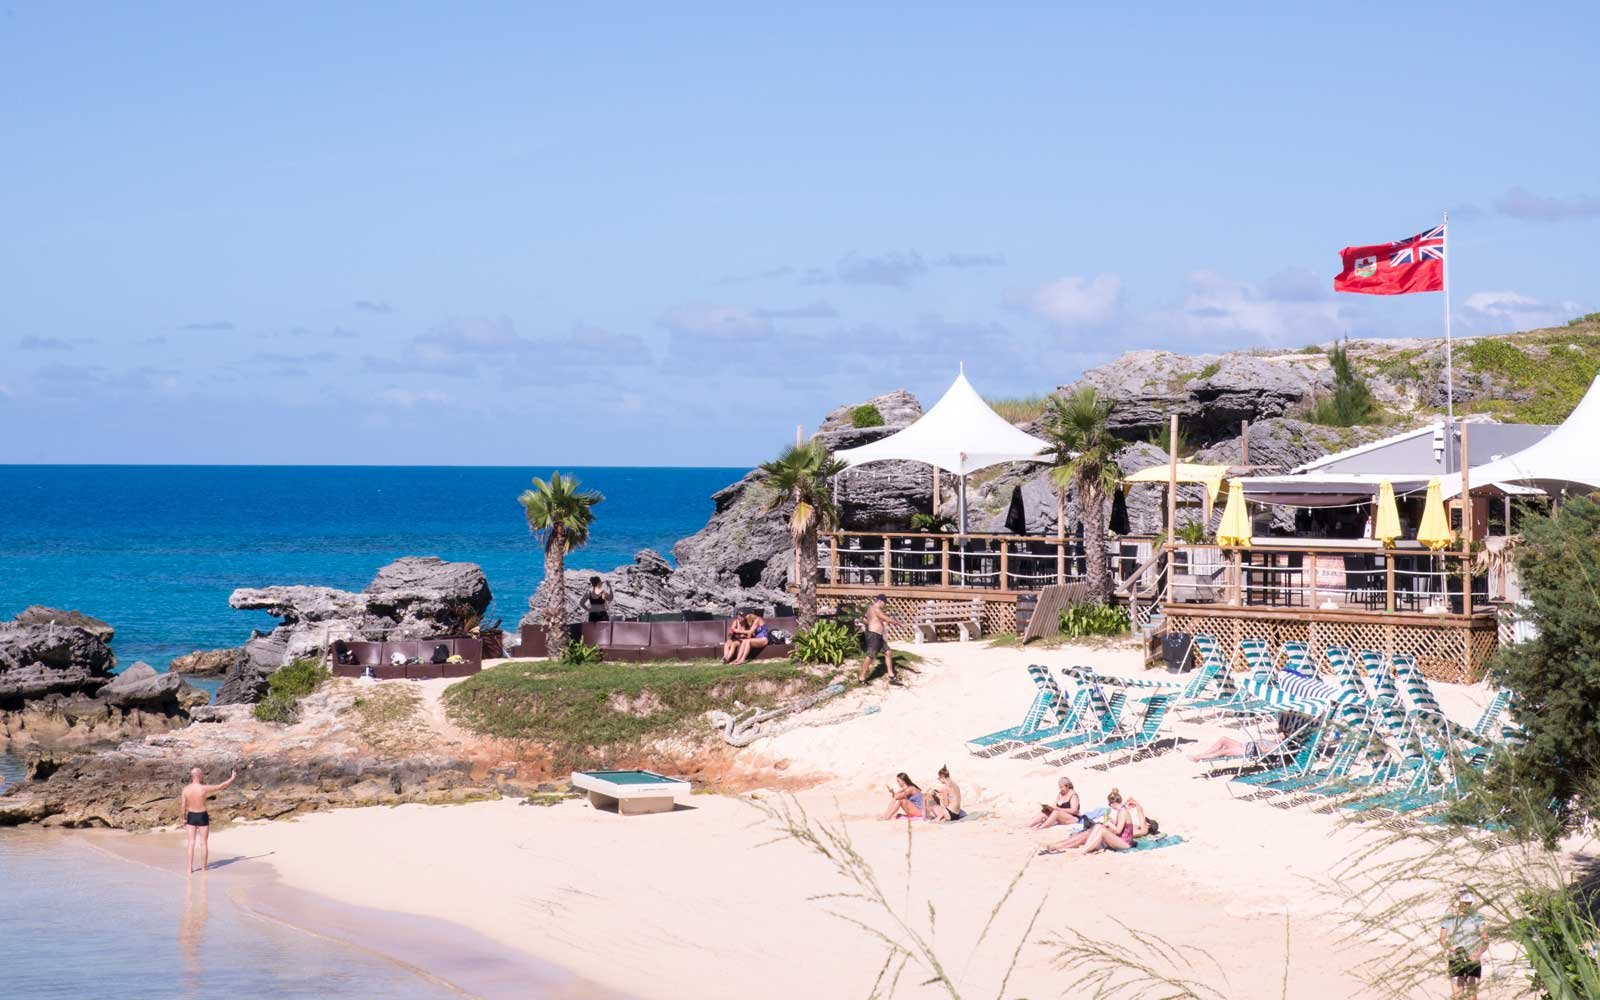 Bermuda The Best Destination